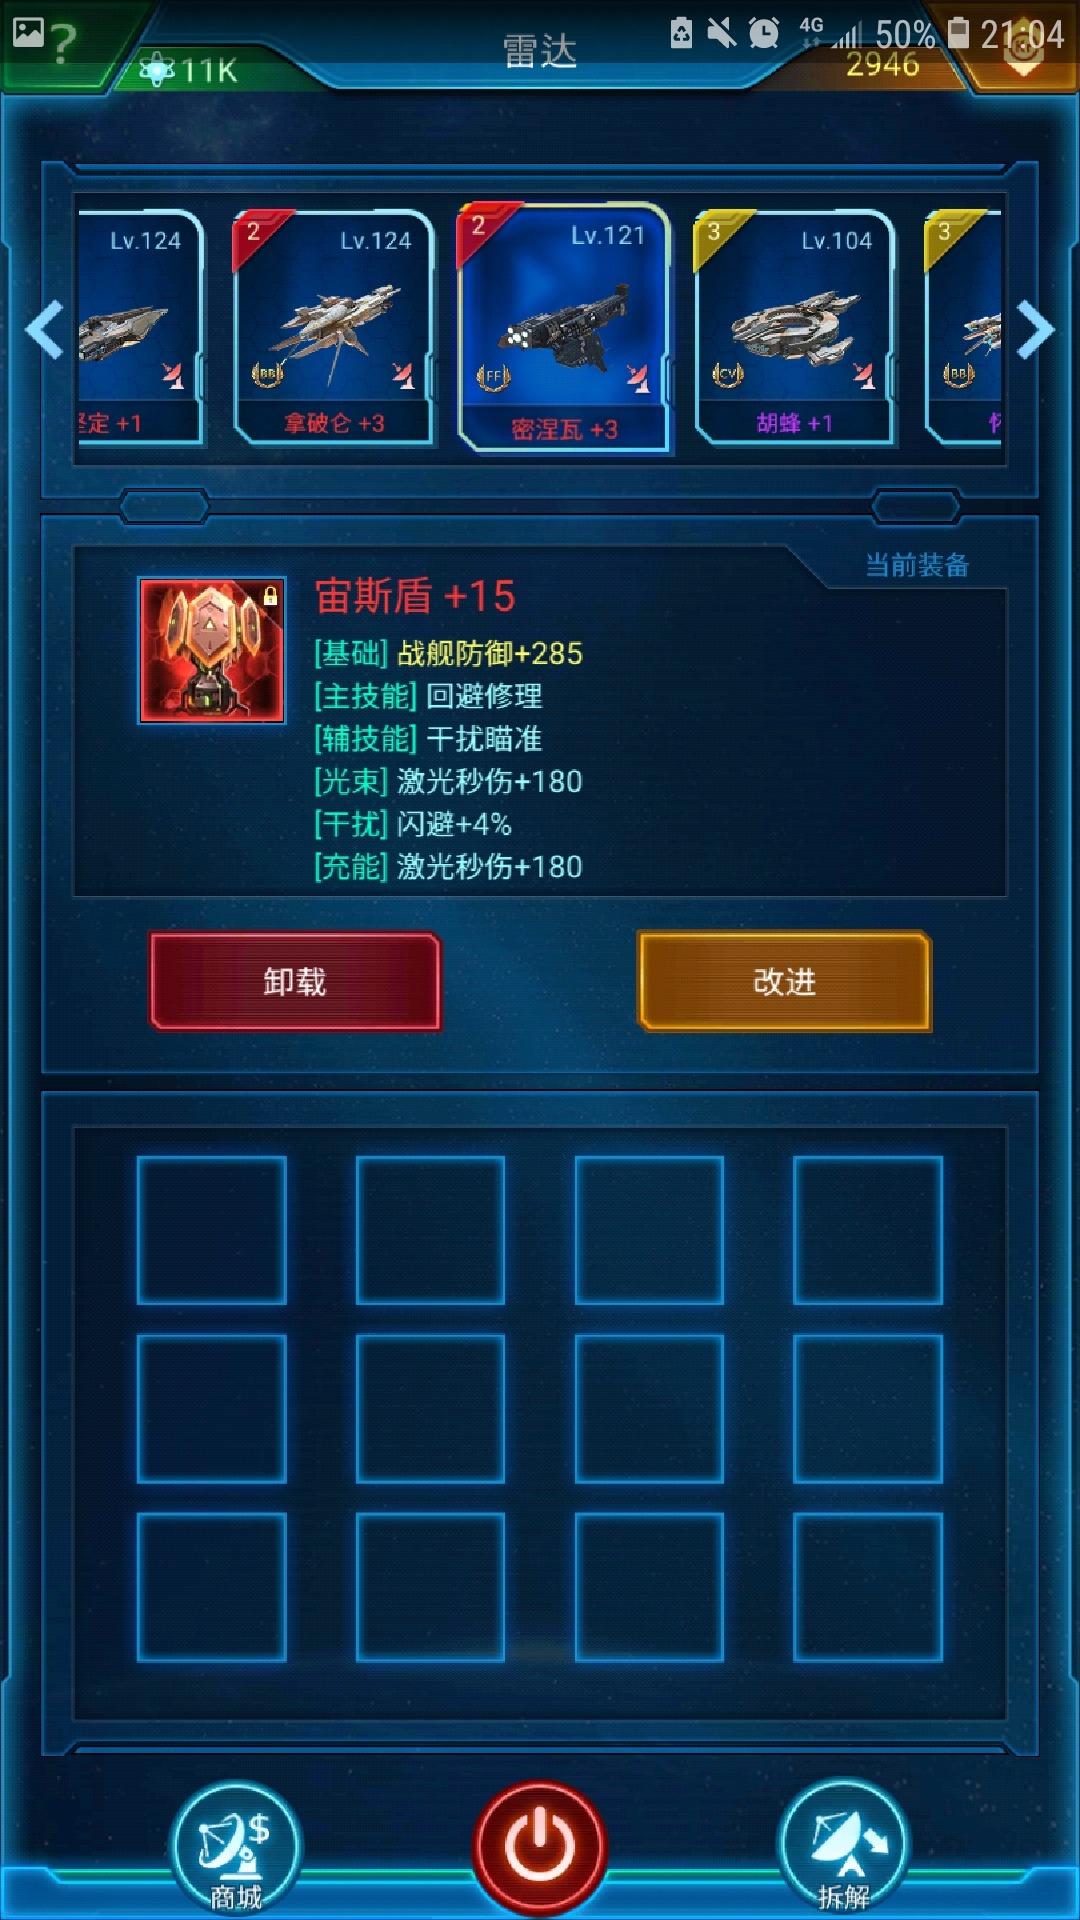 Screenshot_20190317-210400.jpg